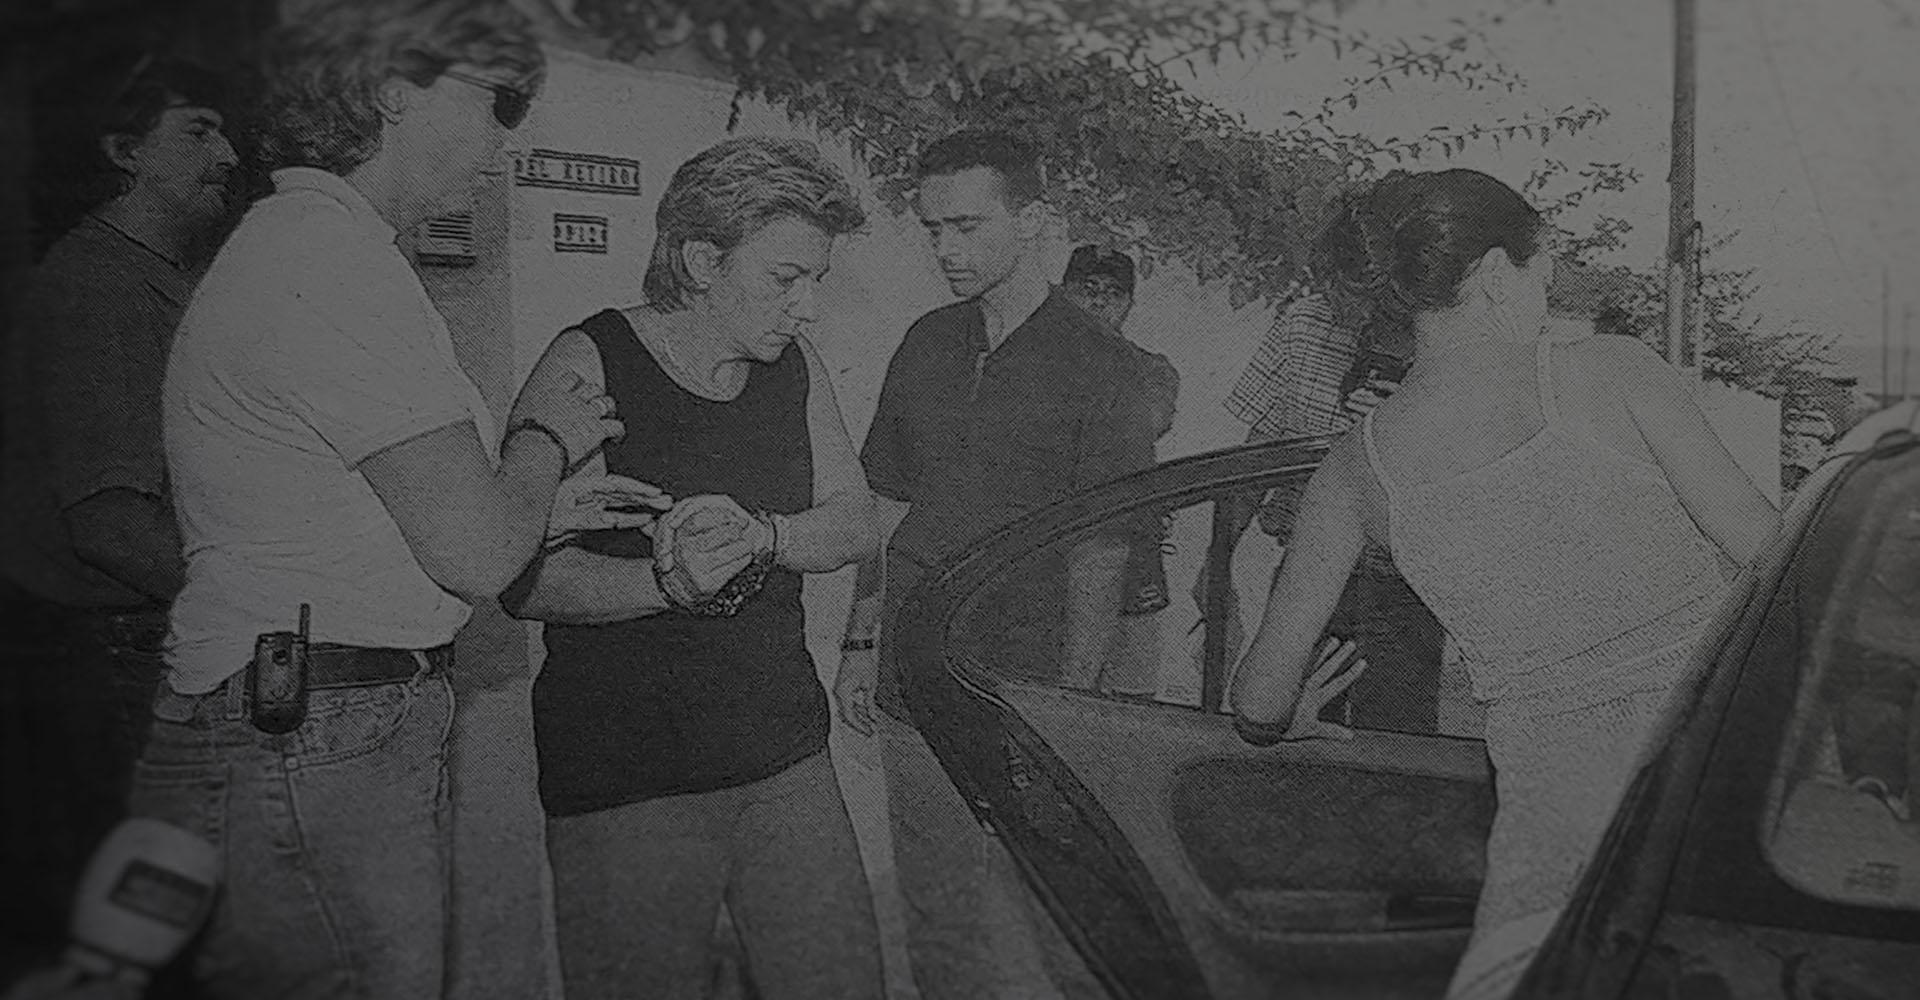 María Dolores Vázquez wird für den Mord an Rocío Wanninkhof verhaftet.